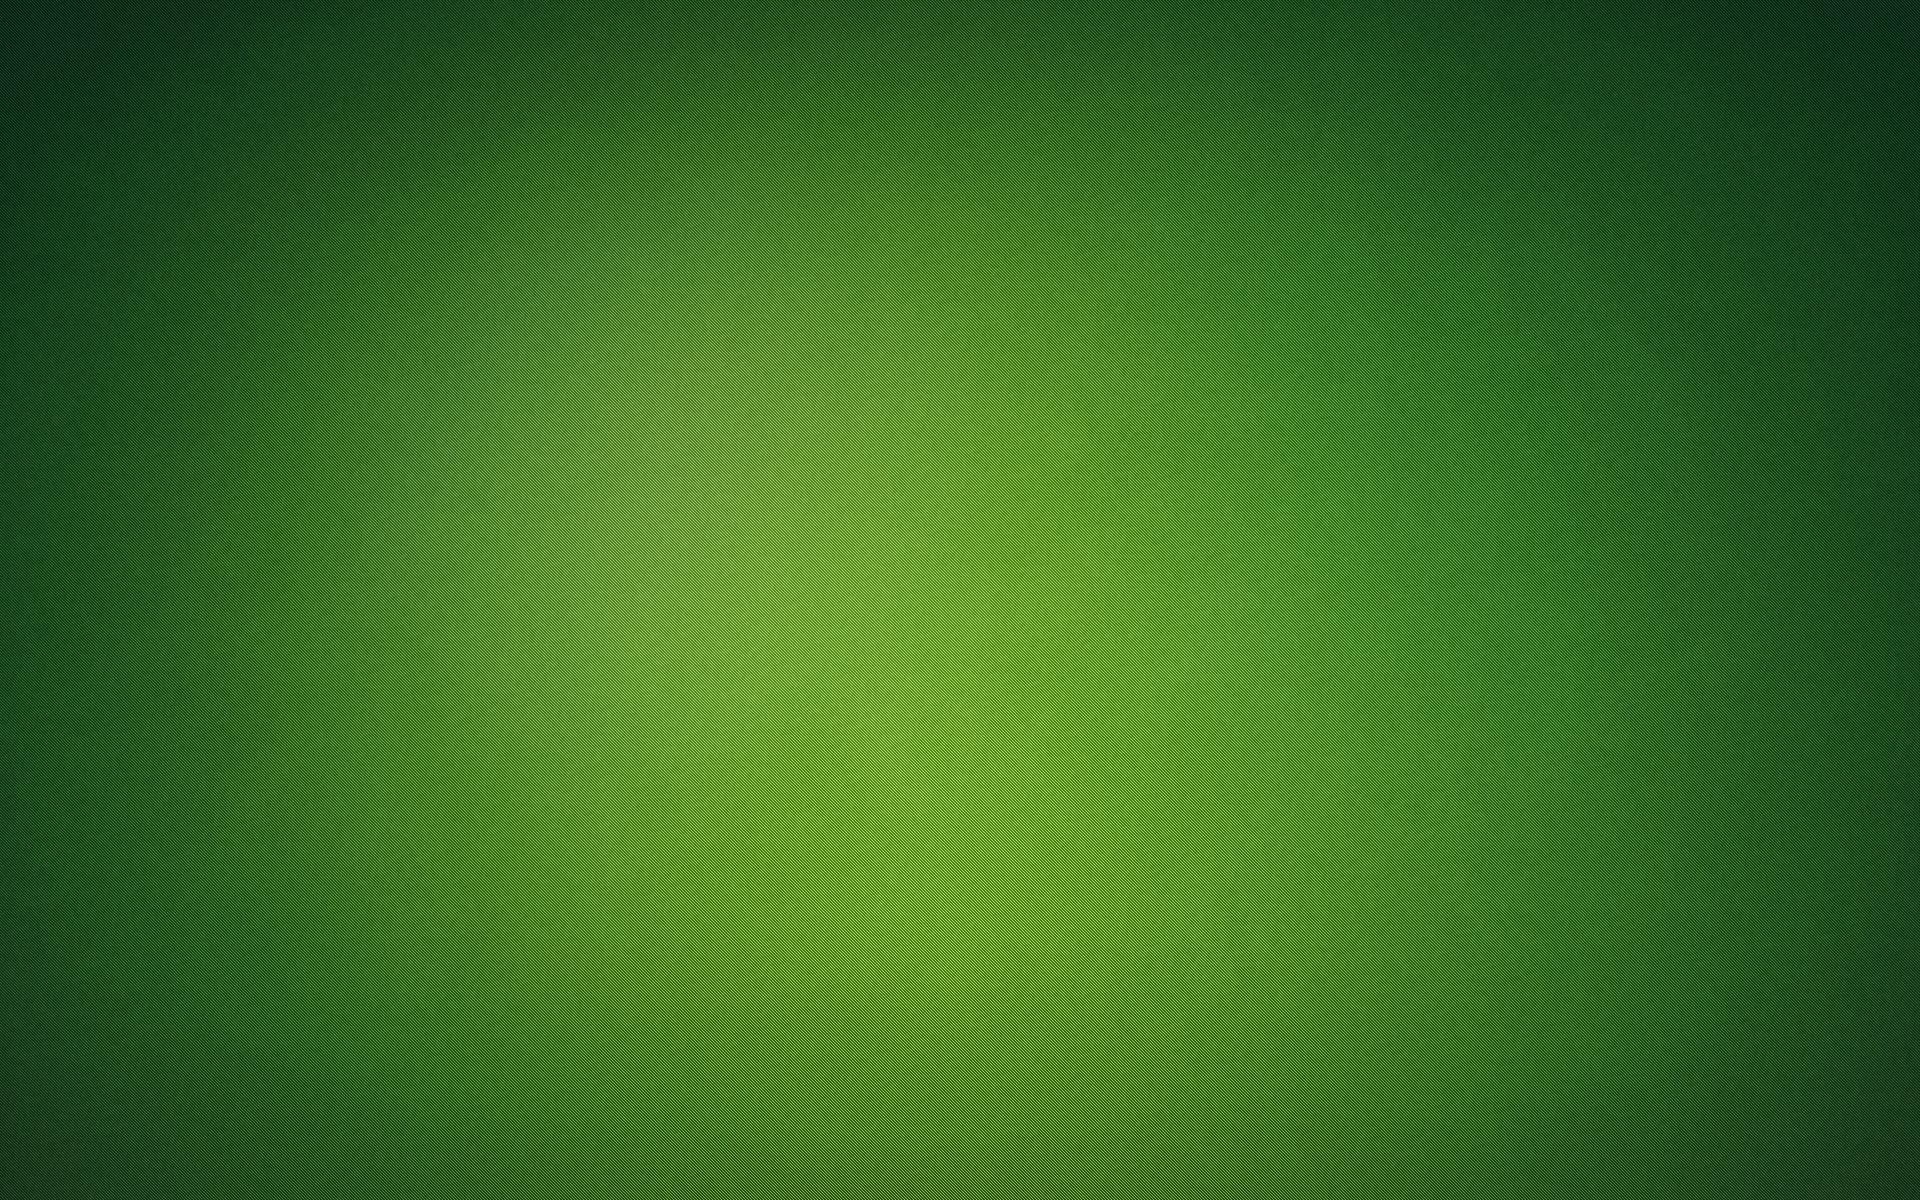 Light Green Texture Hd Wallpaper Wallpaper List 1920x1200